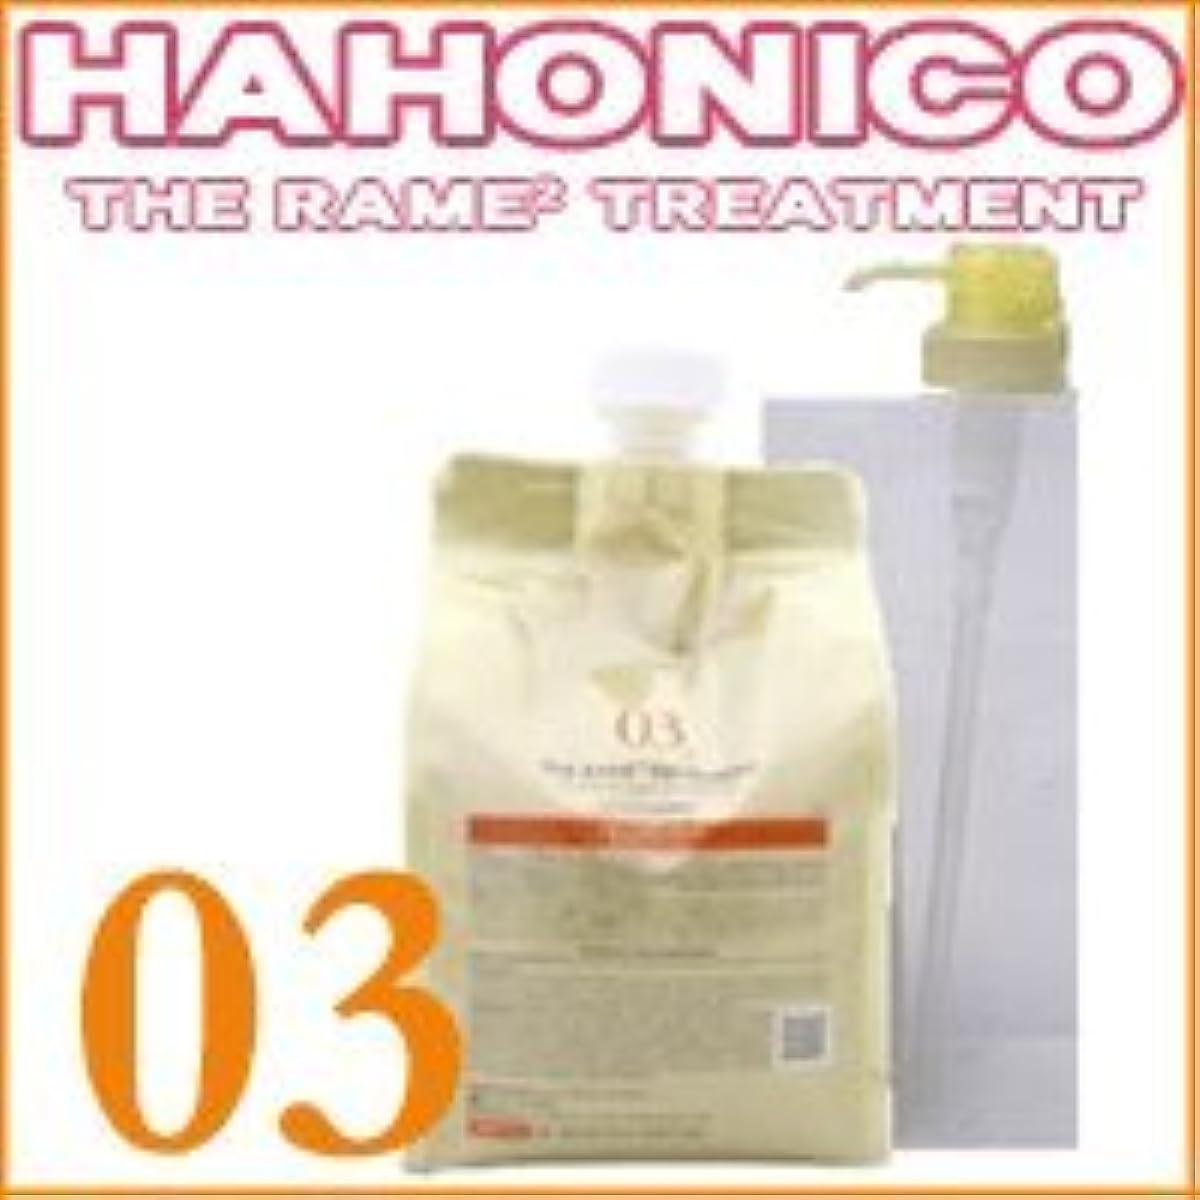 取得するアイザック性別ハホニコ ザラメラメ 3 反応型トリートメント 1000g 専用カバー&ポンプ付き